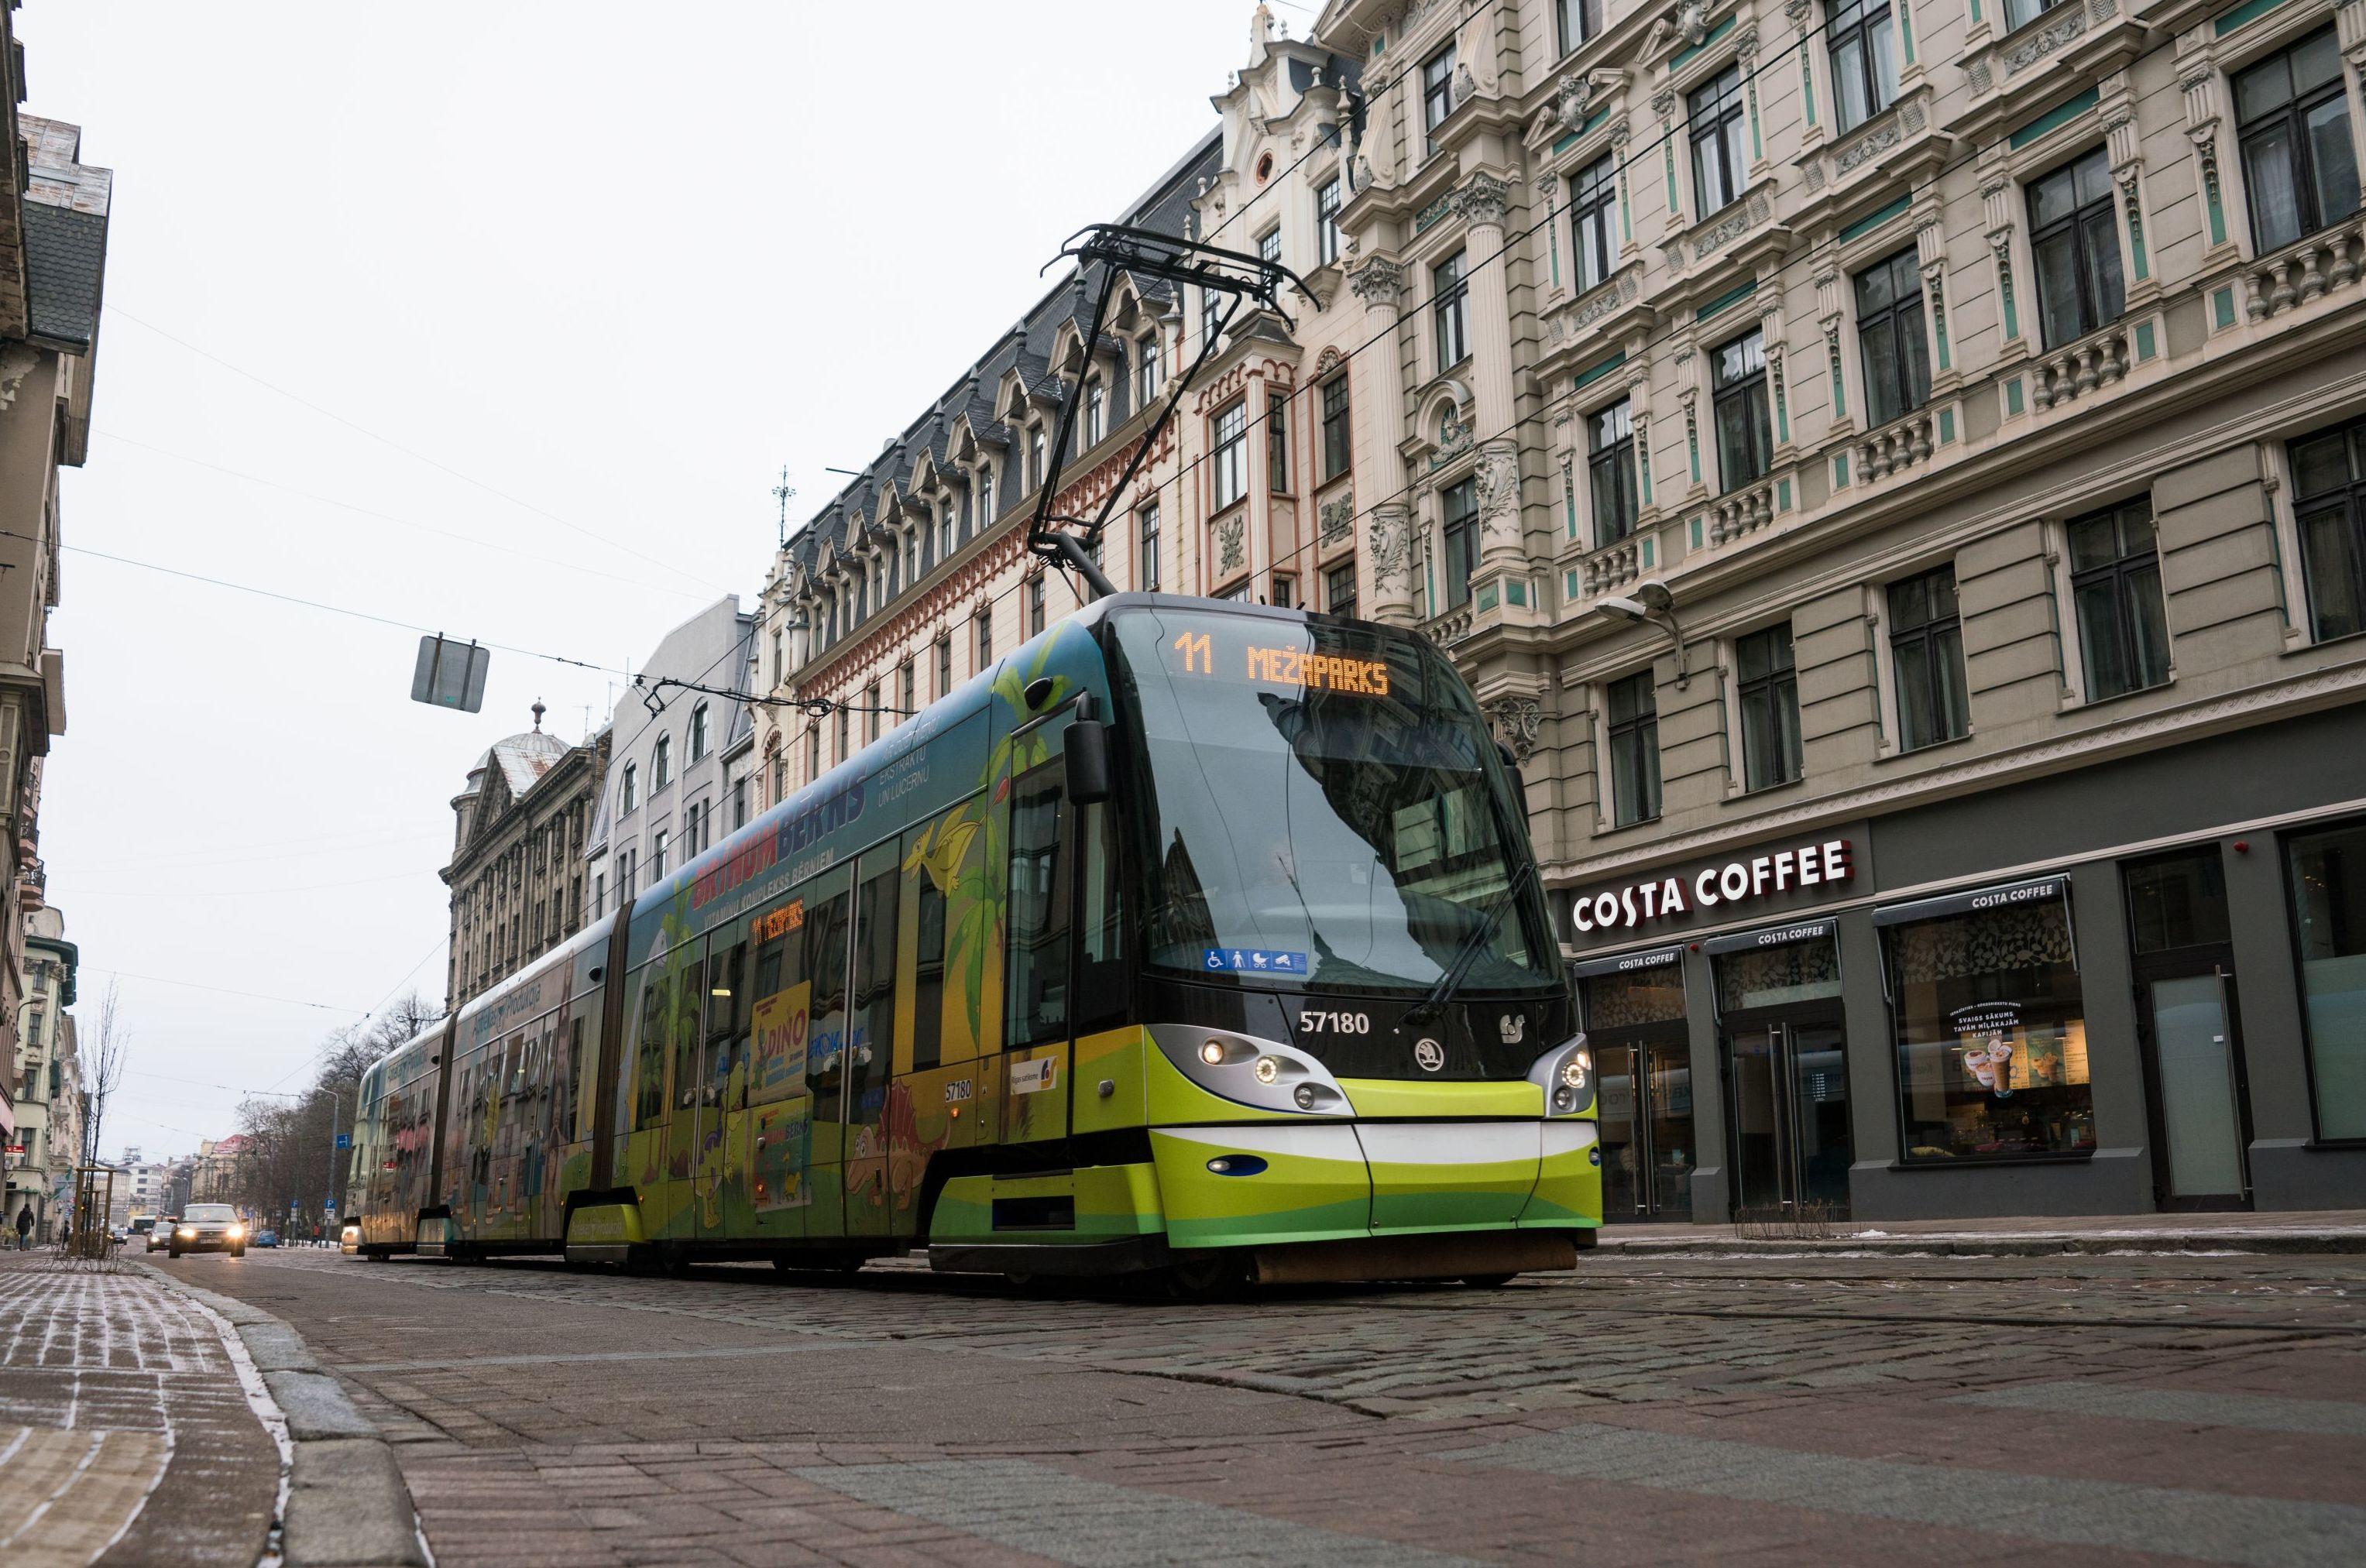 Трамвай на улице Кришьяня Барона в Риге